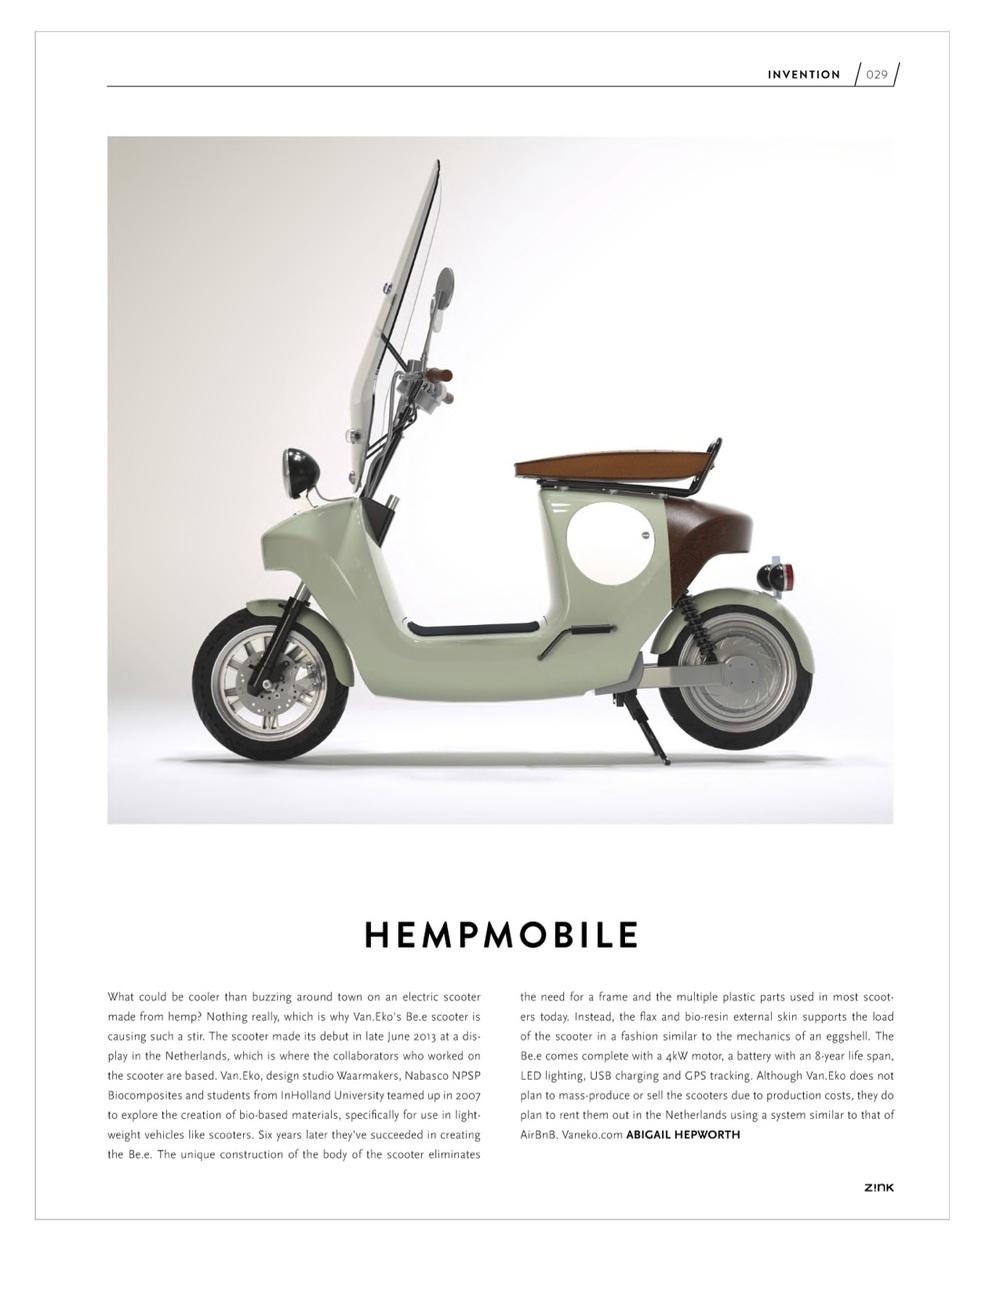 Zink Magazine Winter 2013 issue